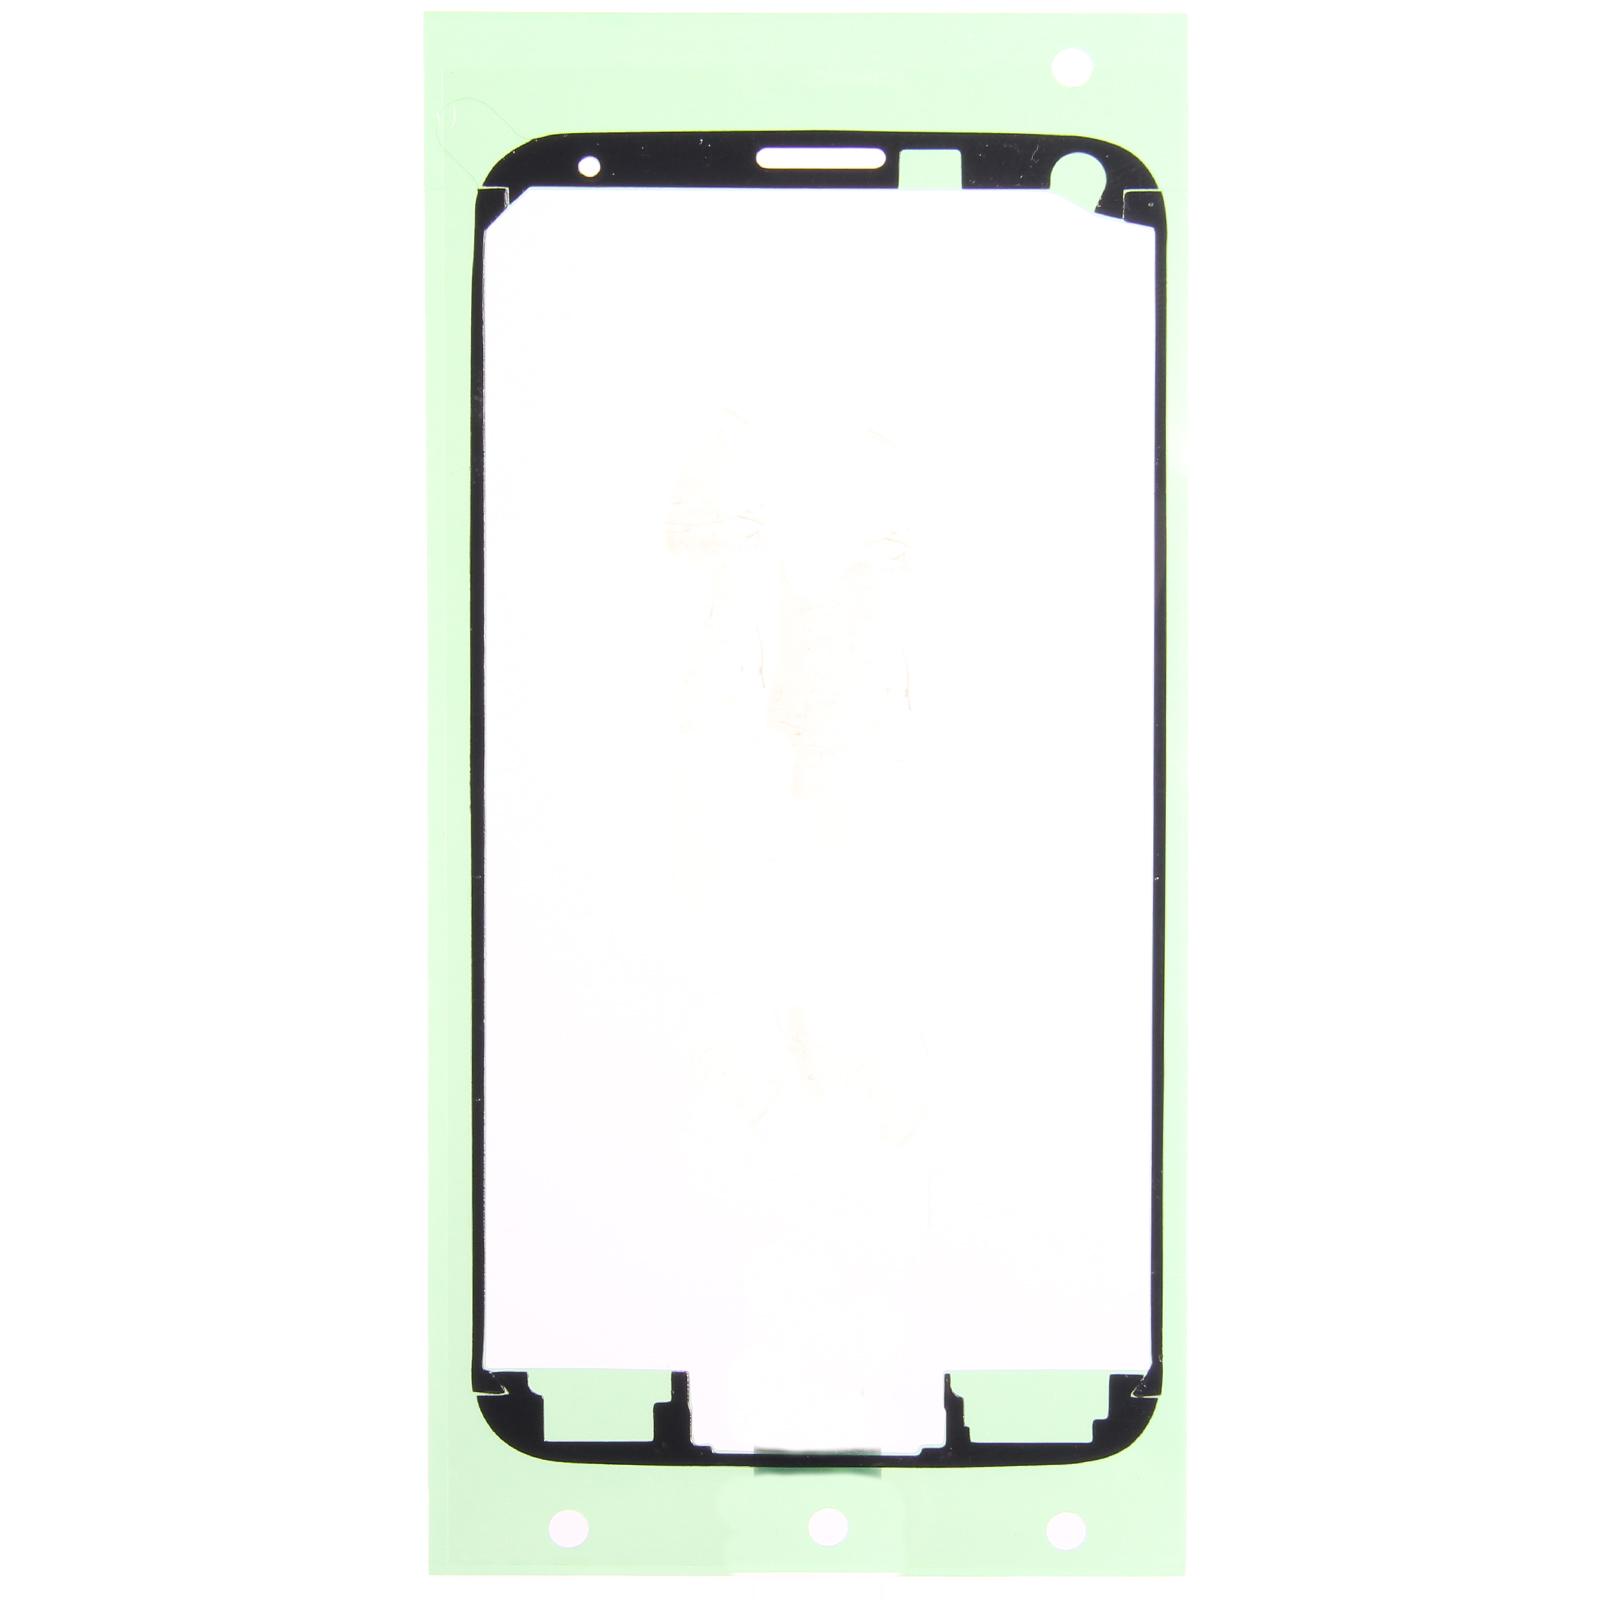 Samsung Galaxy S5 lepící pásky